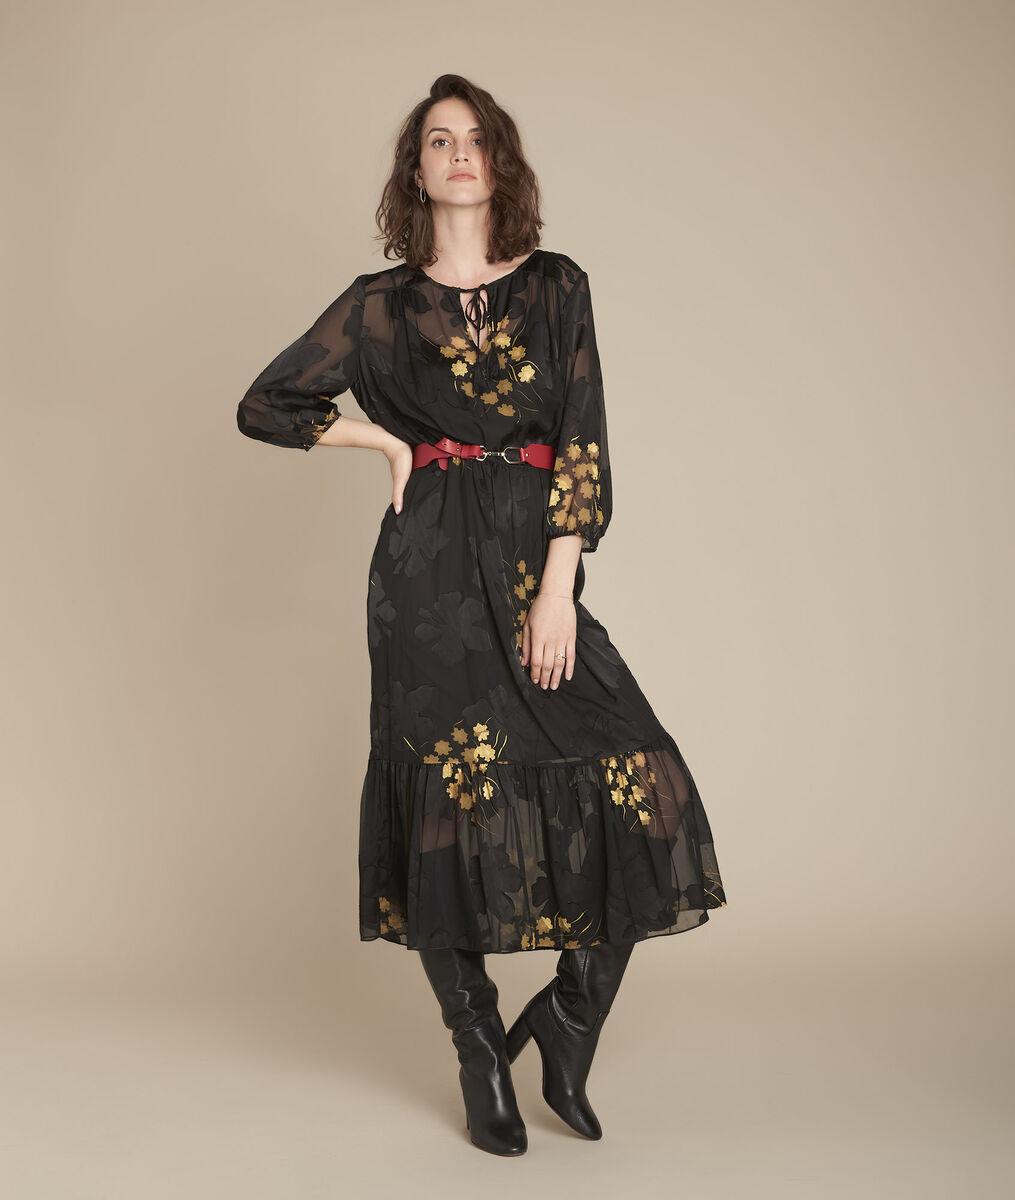 Langes, schwarzes Kleid in Ausbrenn-Optik, Rena